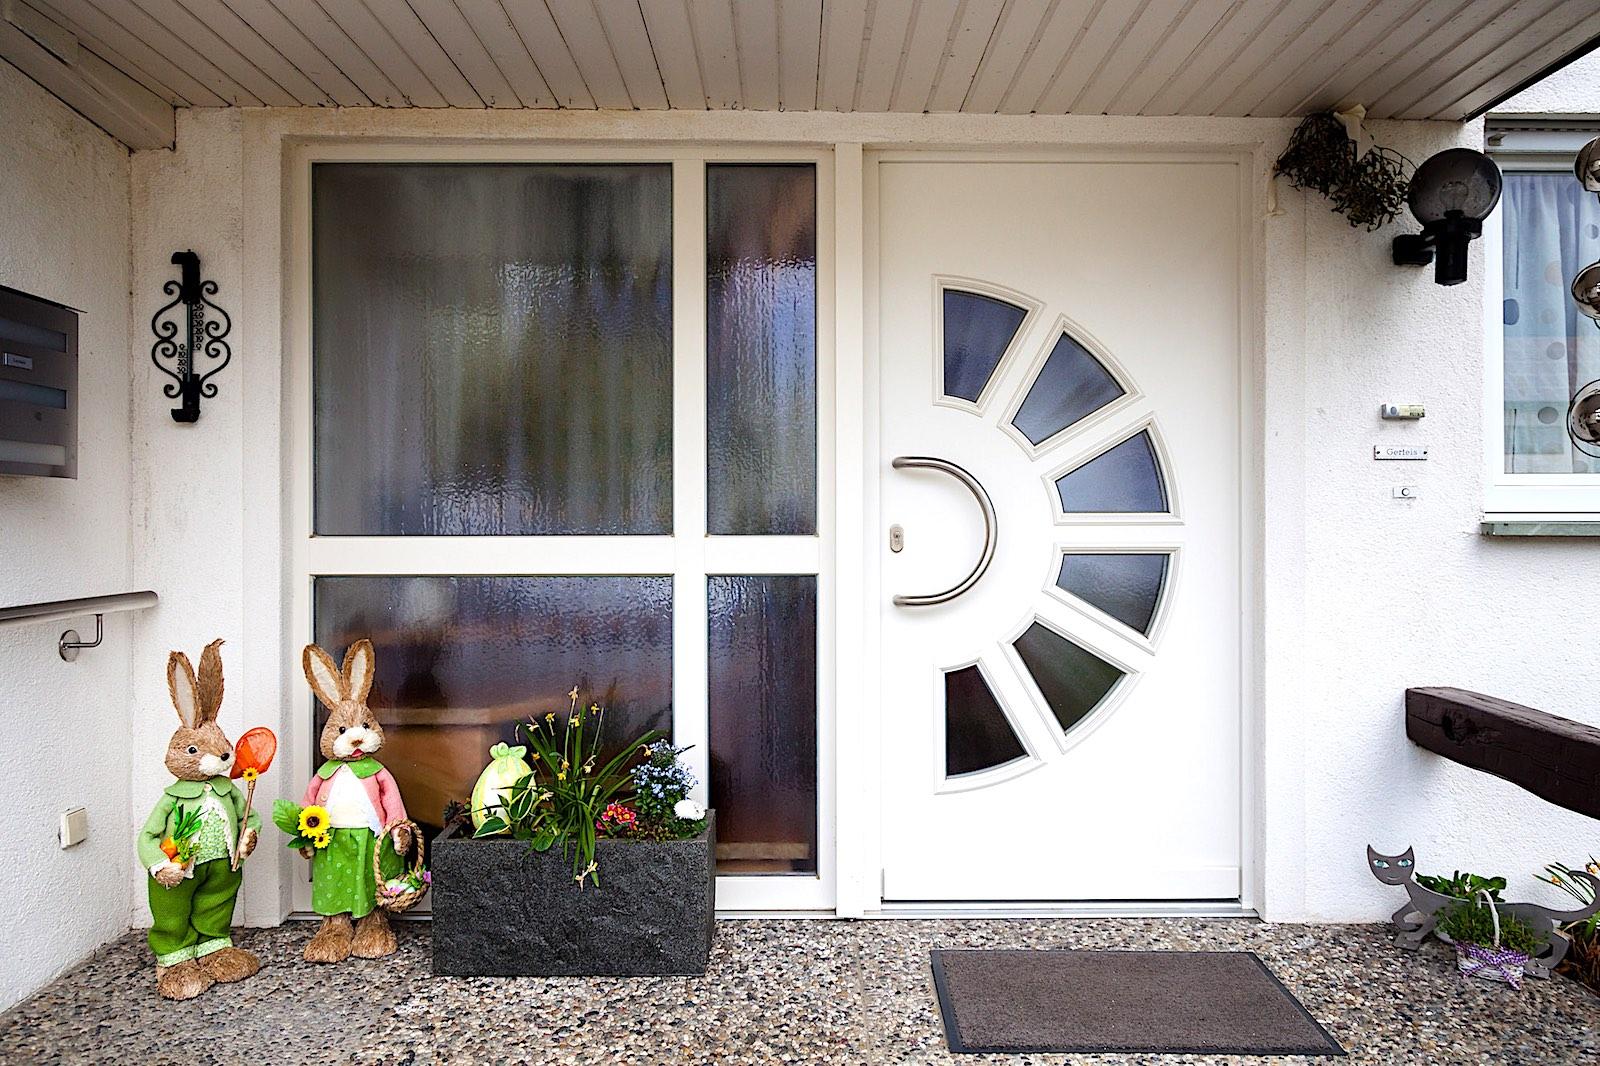 EFH in D-Jestetten - Holz-Haustür in Türblatt-Konstruktion mit 4-teiligem SeitenelementVerglasung: Chinchilla